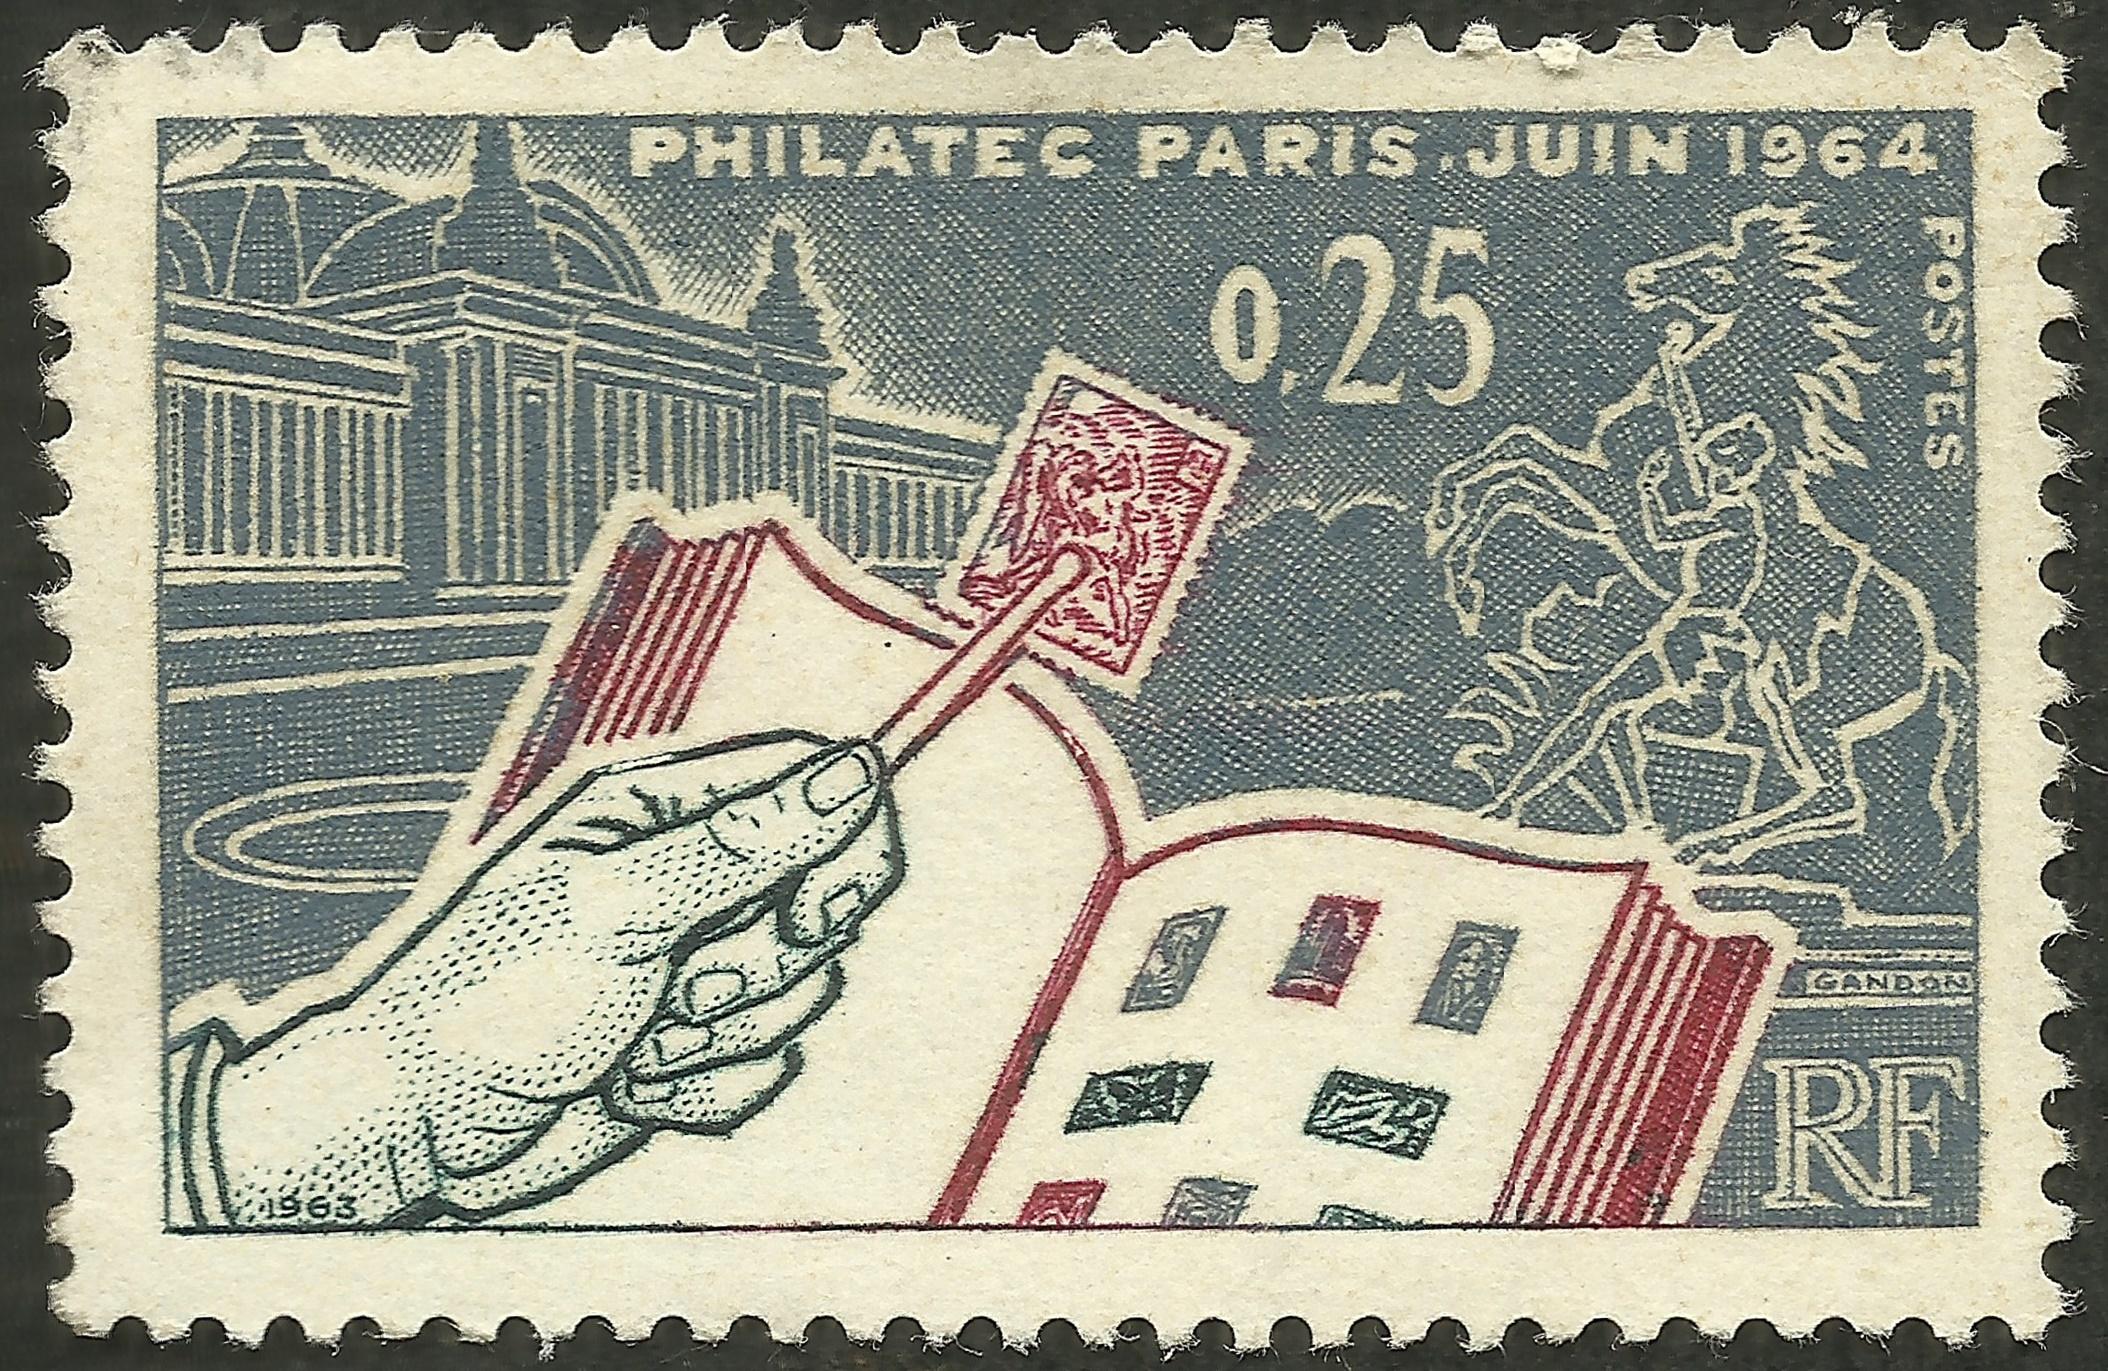 France - Scott #1078 (1963)